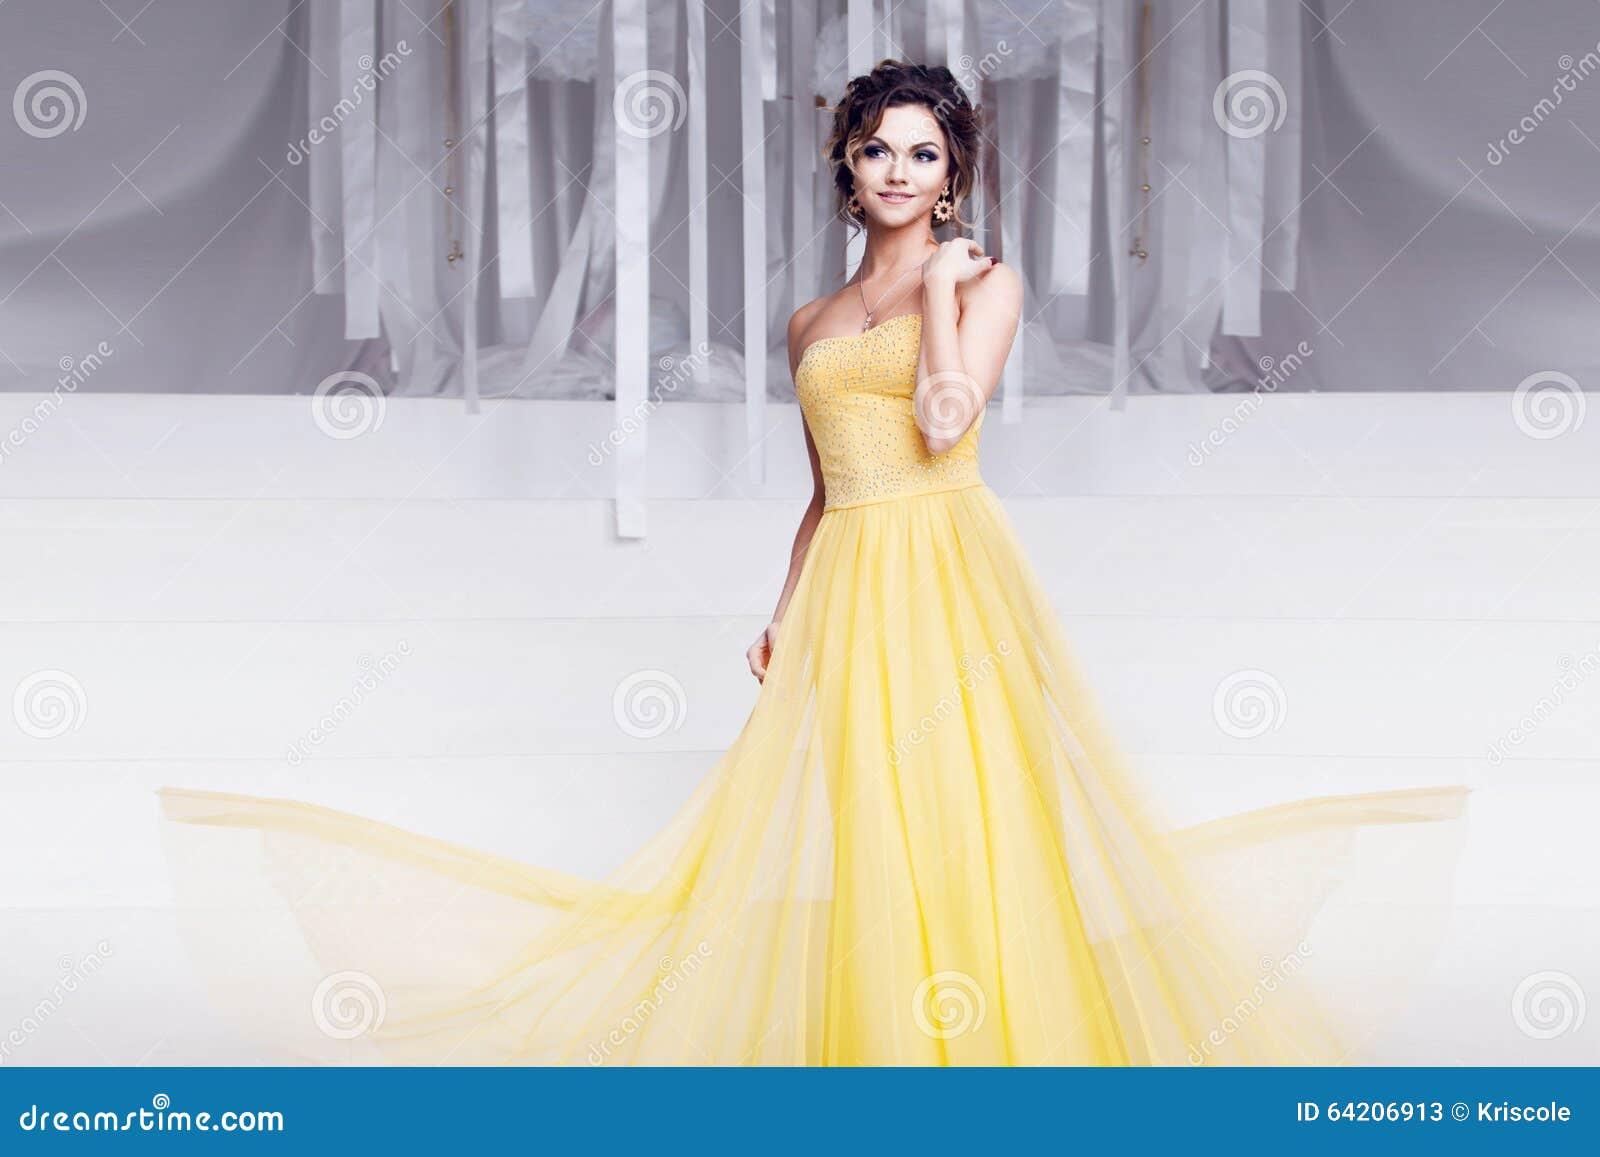 Mujer sonriente en vestido de noche amarillo y con